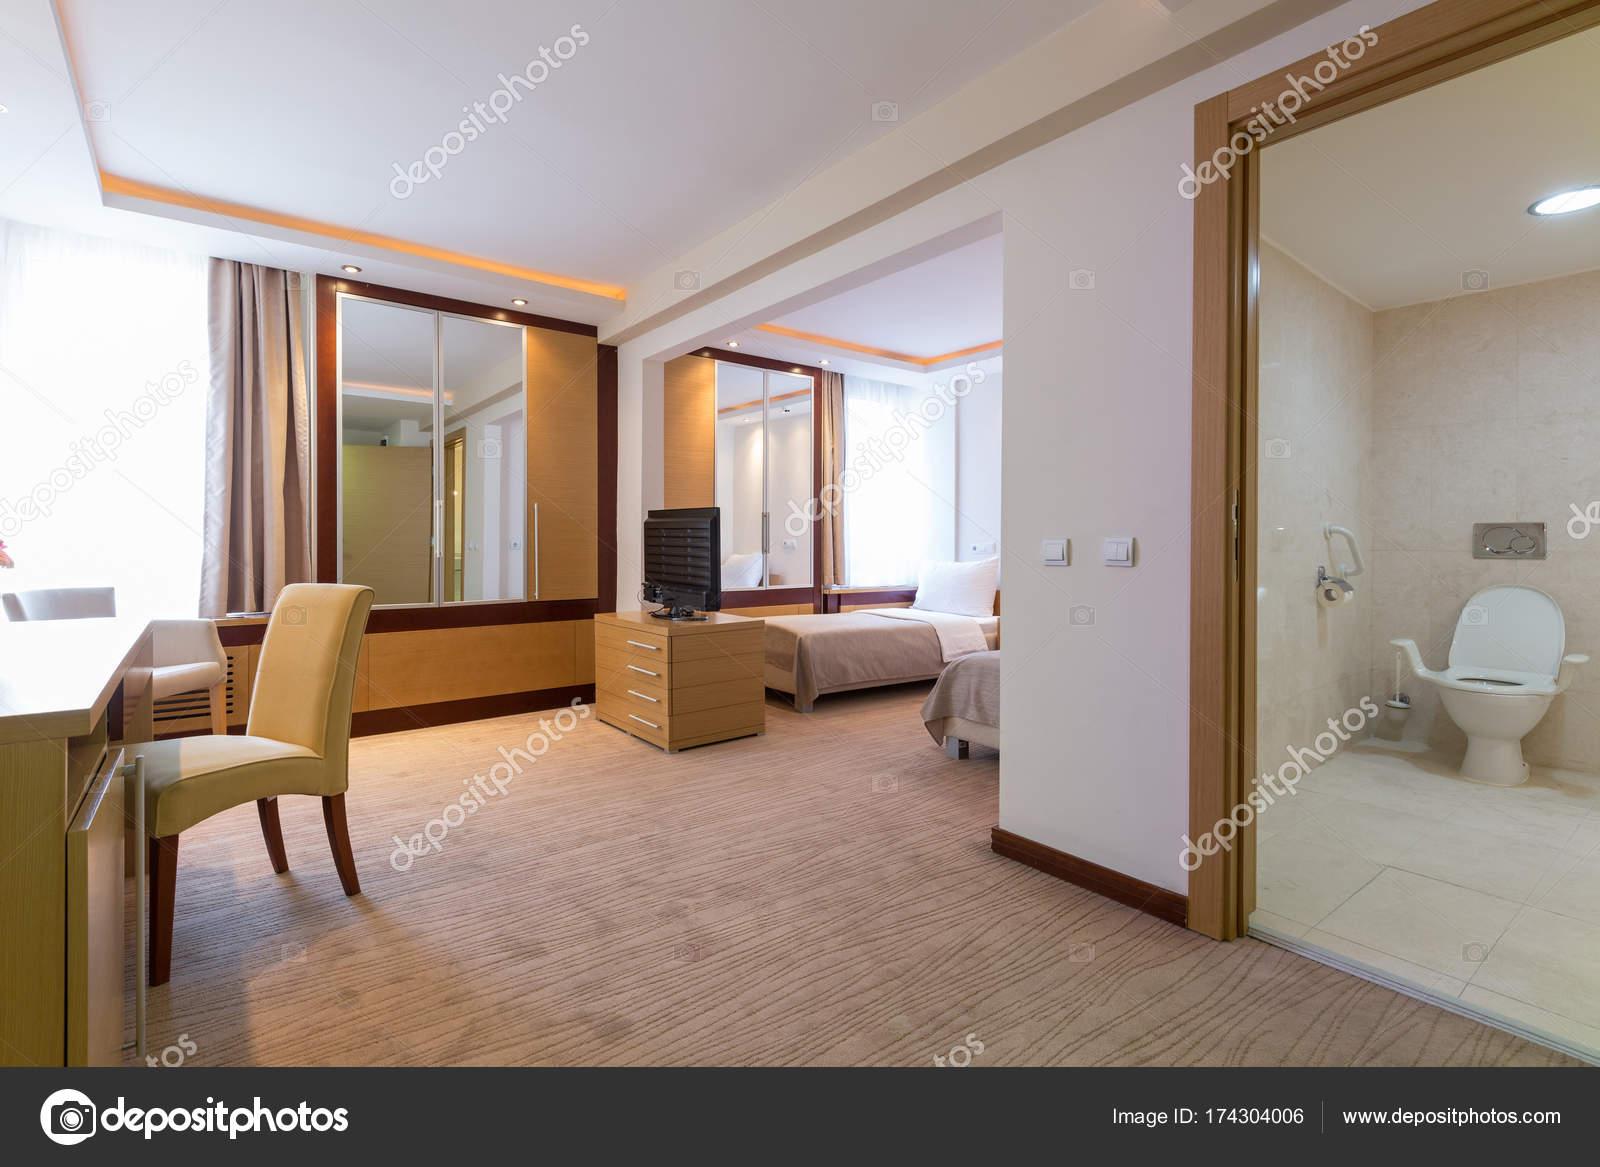 Interieur aus einem Hotel-Schlafzimmer — Stockfoto © rilueda #174304006